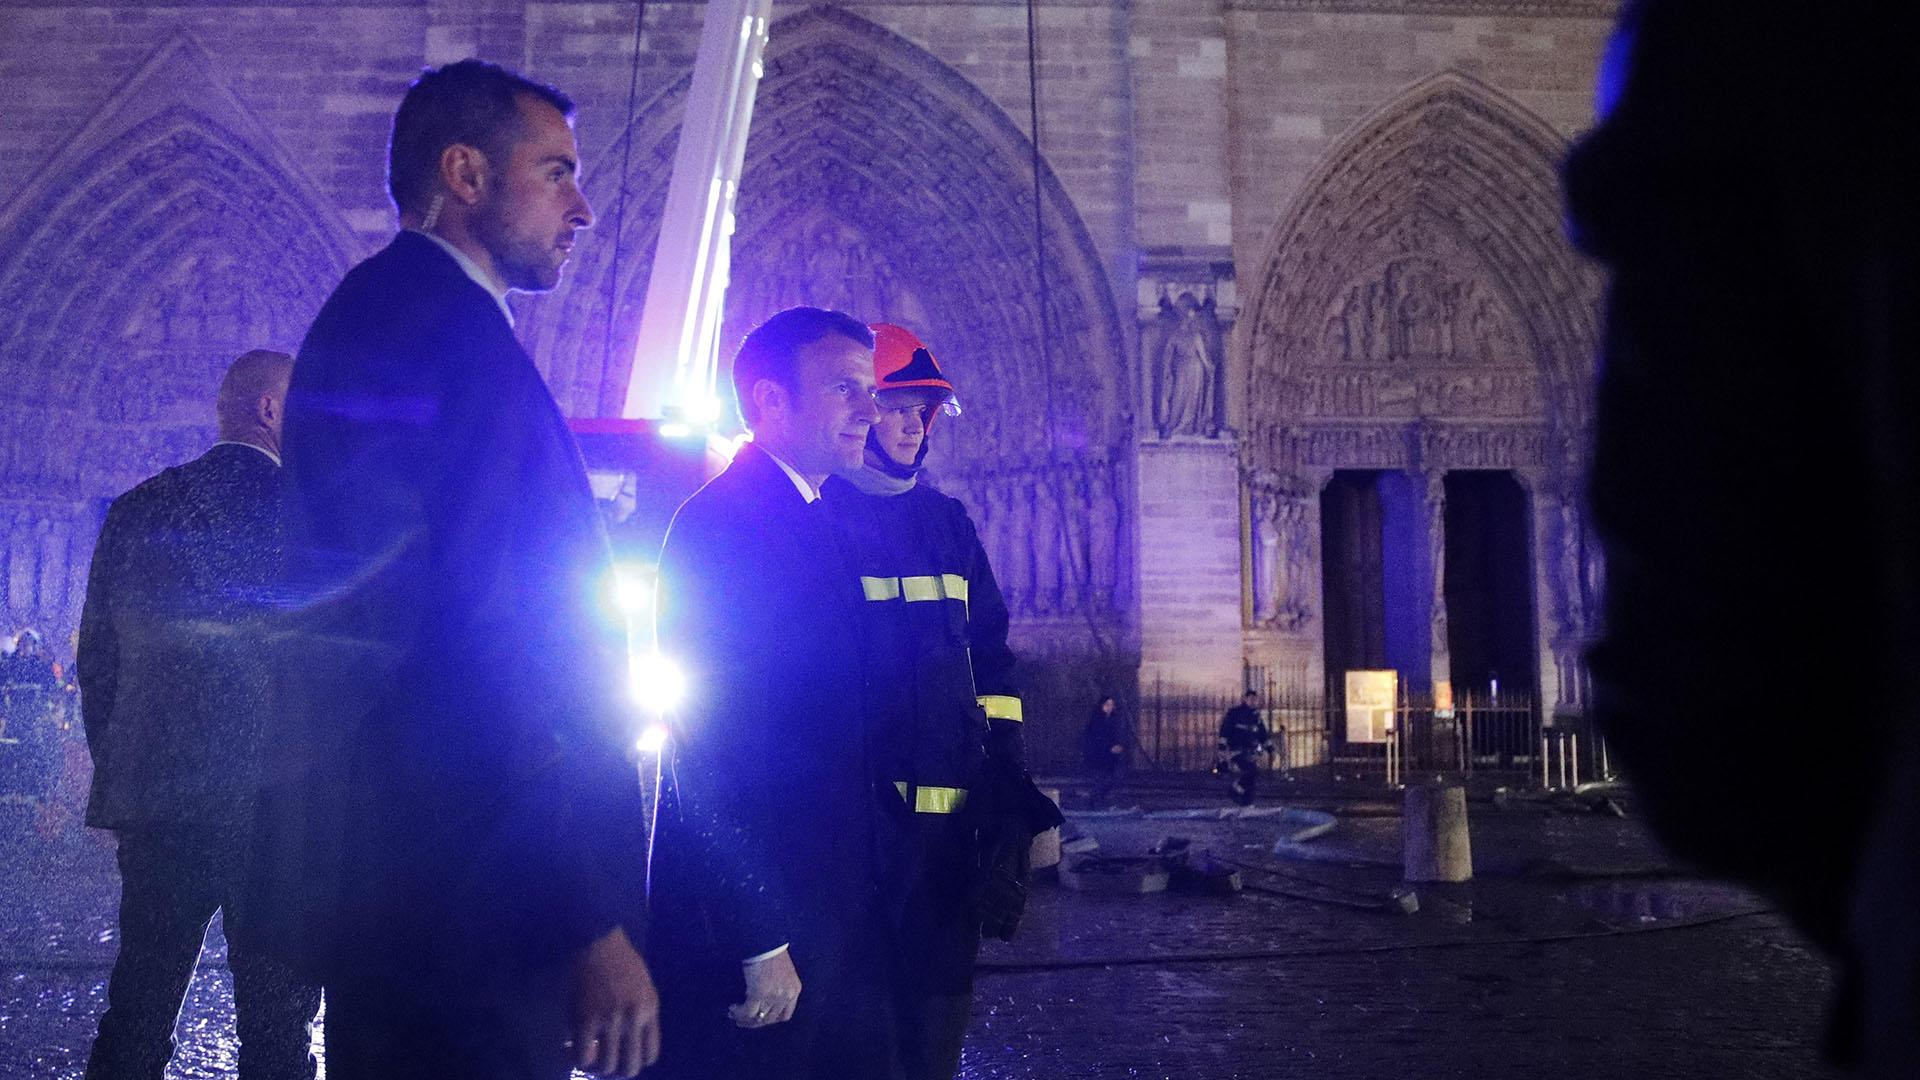 Millones de personas en todo el mundo siguieron horrorizadas la evolución del fuego que ardió intensamente durante más de 12 horas, tras haberse iniciado en la parte superior de la catedral gótica, destruyendo parte del tejado y su emblemática aguja